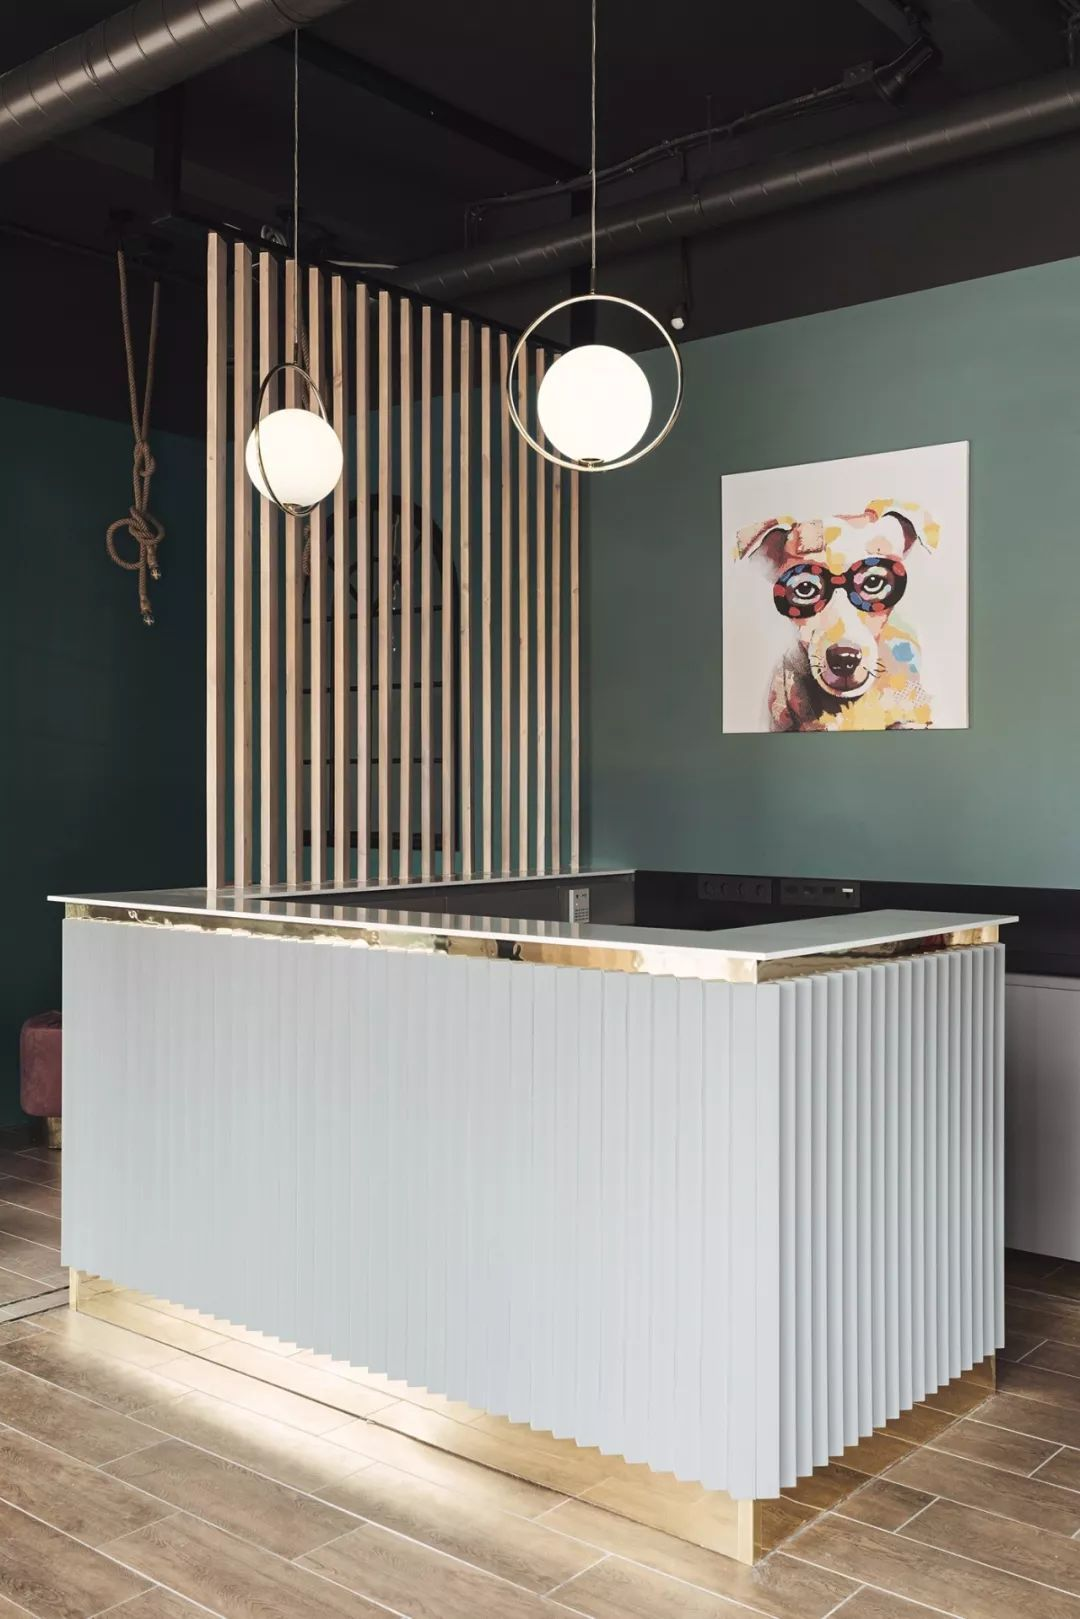 美发沙龙店设计 以浓厚艺术气息与时髦的格调,打破传统商业空间